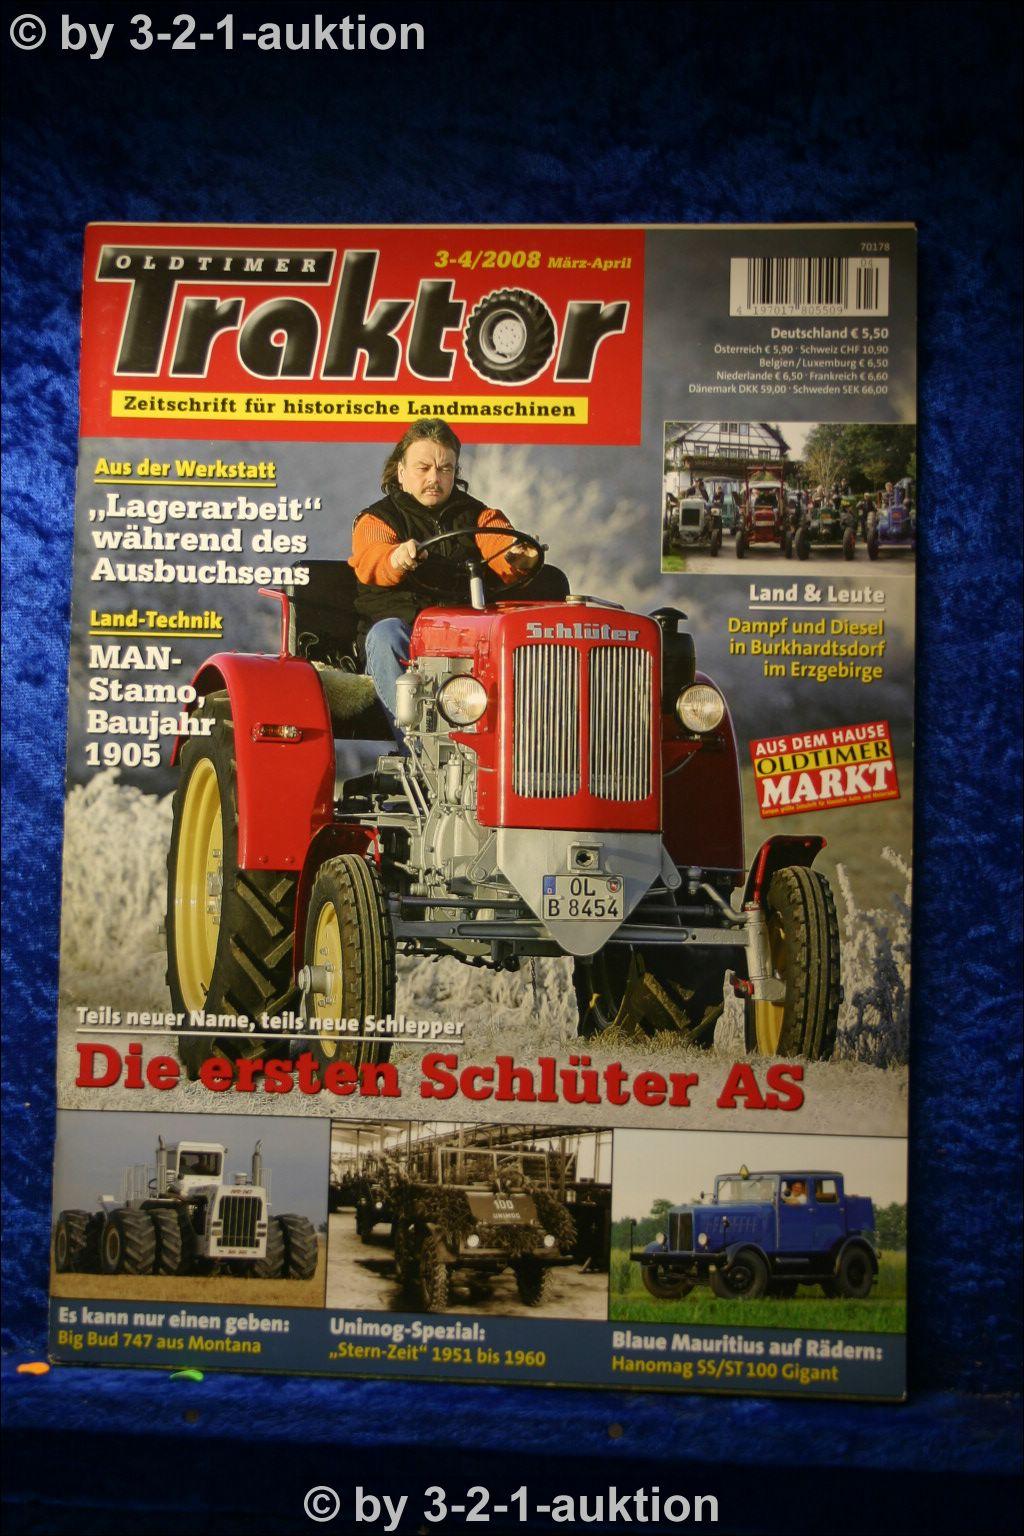 oldtimer traktor 3 4 08 schl ter as allgaier ap 16 unimog. Black Bedroom Furniture Sets. Home Design Ideas